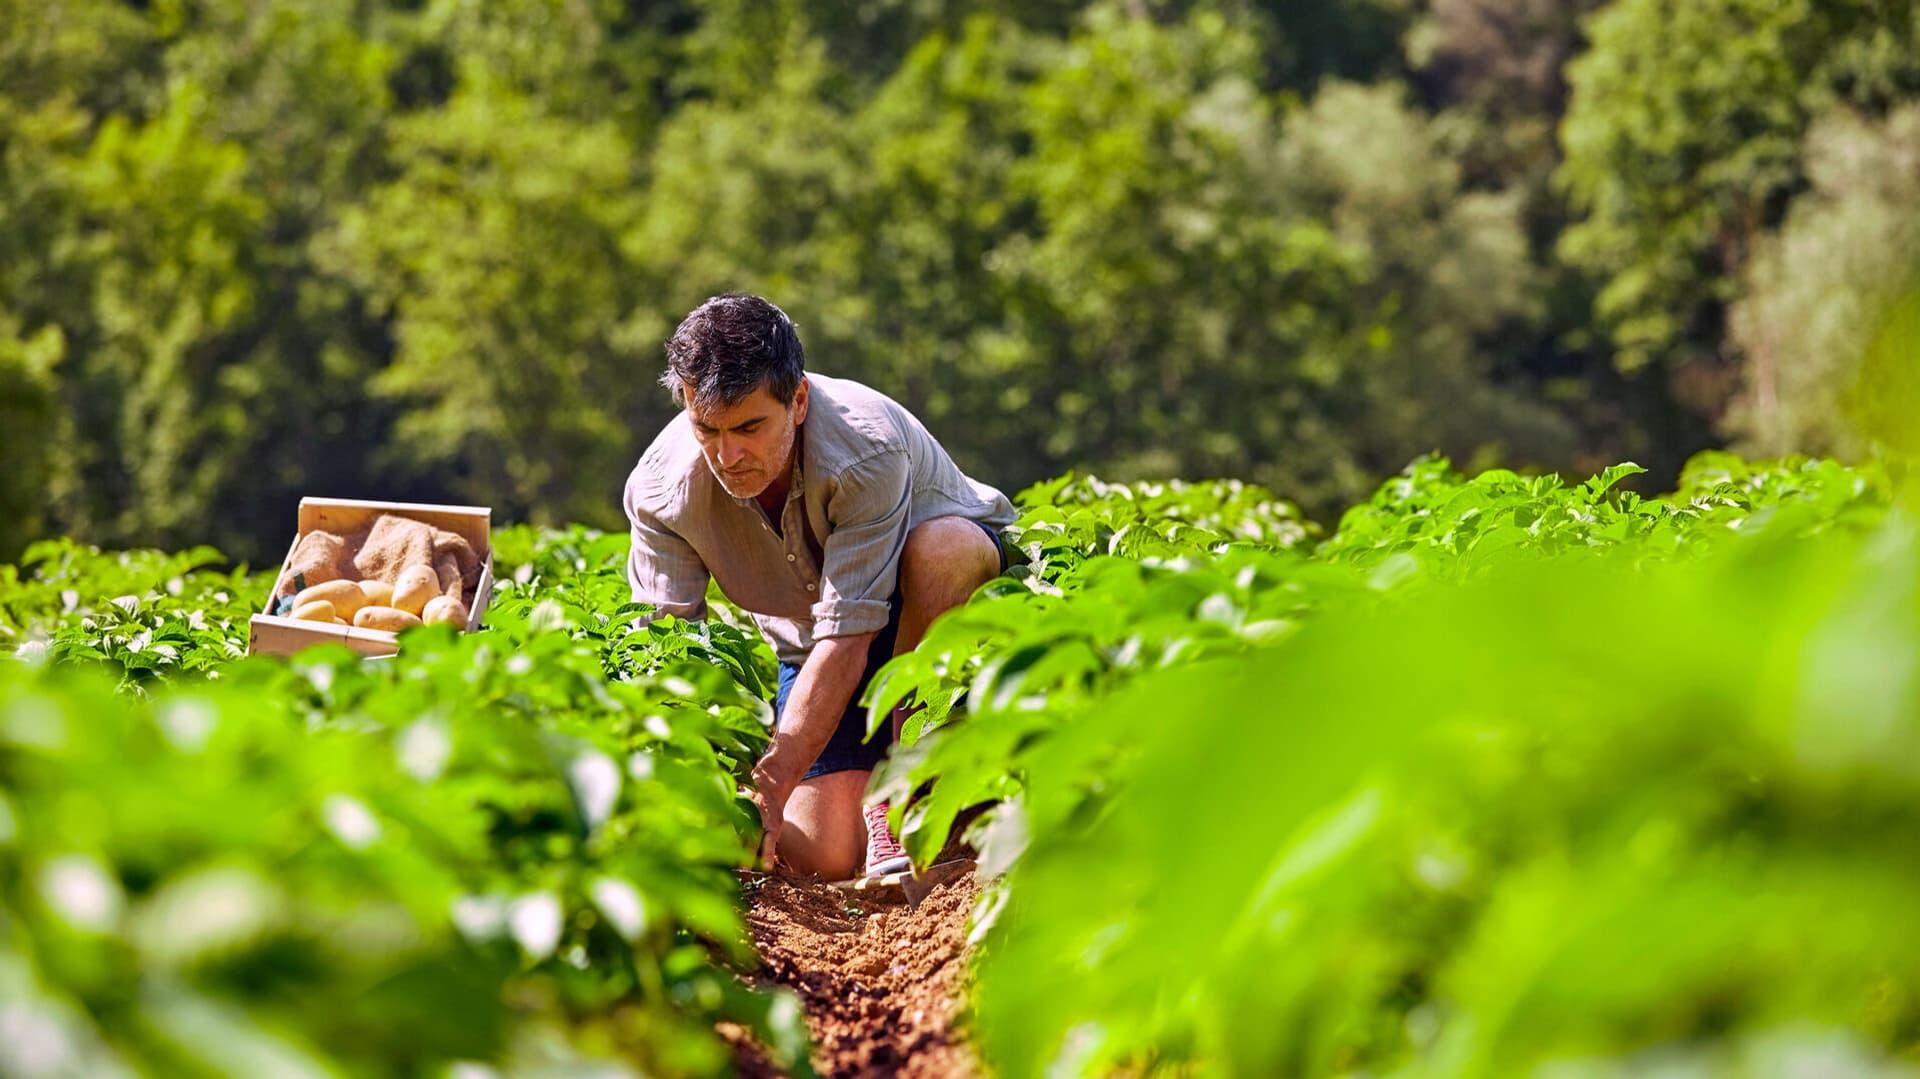 Ein Mann bei der Ernte auf dem Feld inmitten grüner Pflanzen.